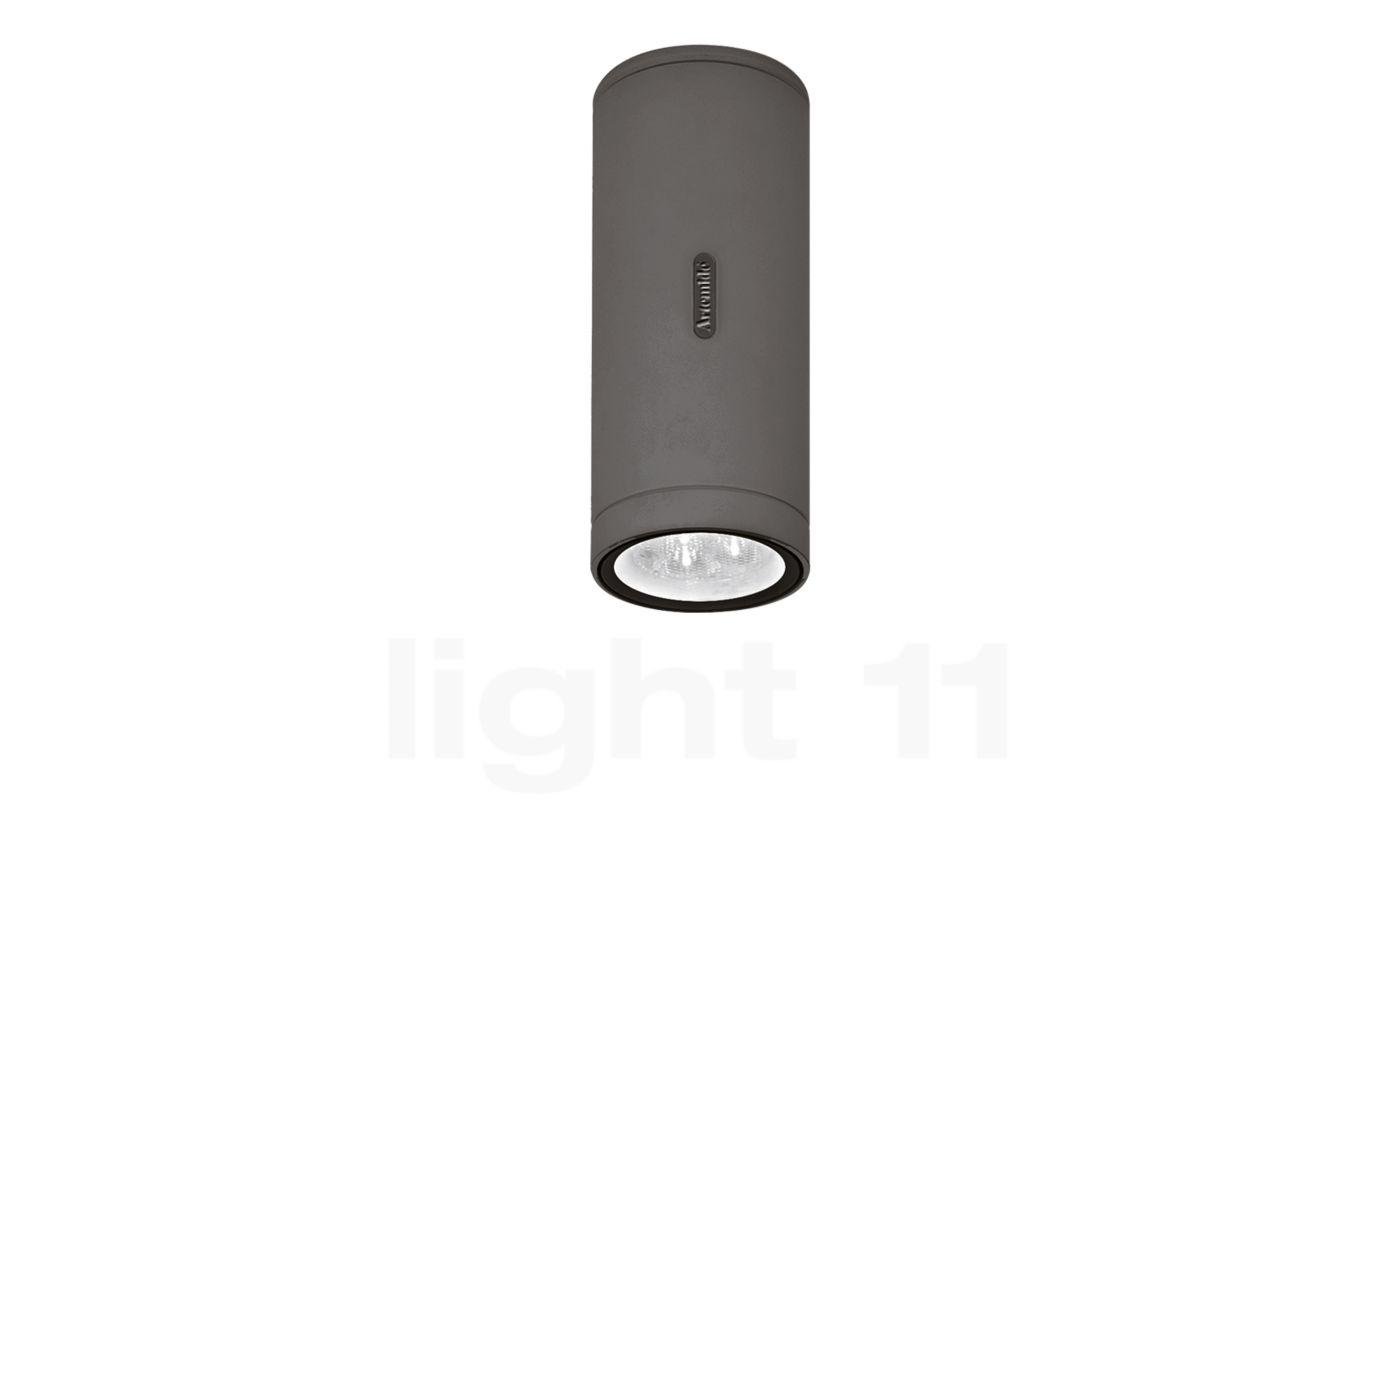 Artemide Calumet Deckenleuchte LED, grau, 17,8 cm T41931LW10